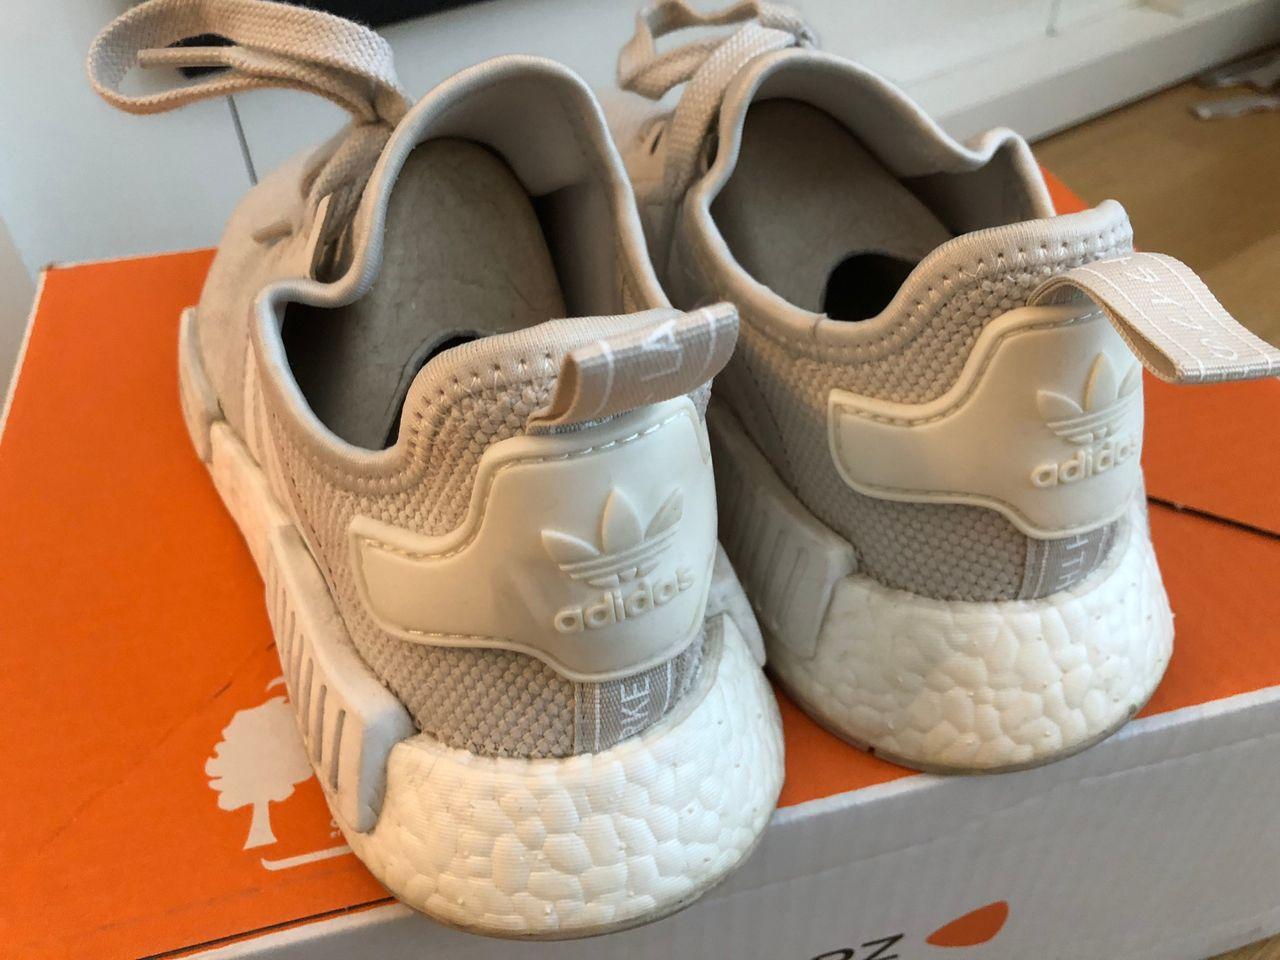 Adidas Kjøpe, selge og utveksle annonser gode tilbud og priser